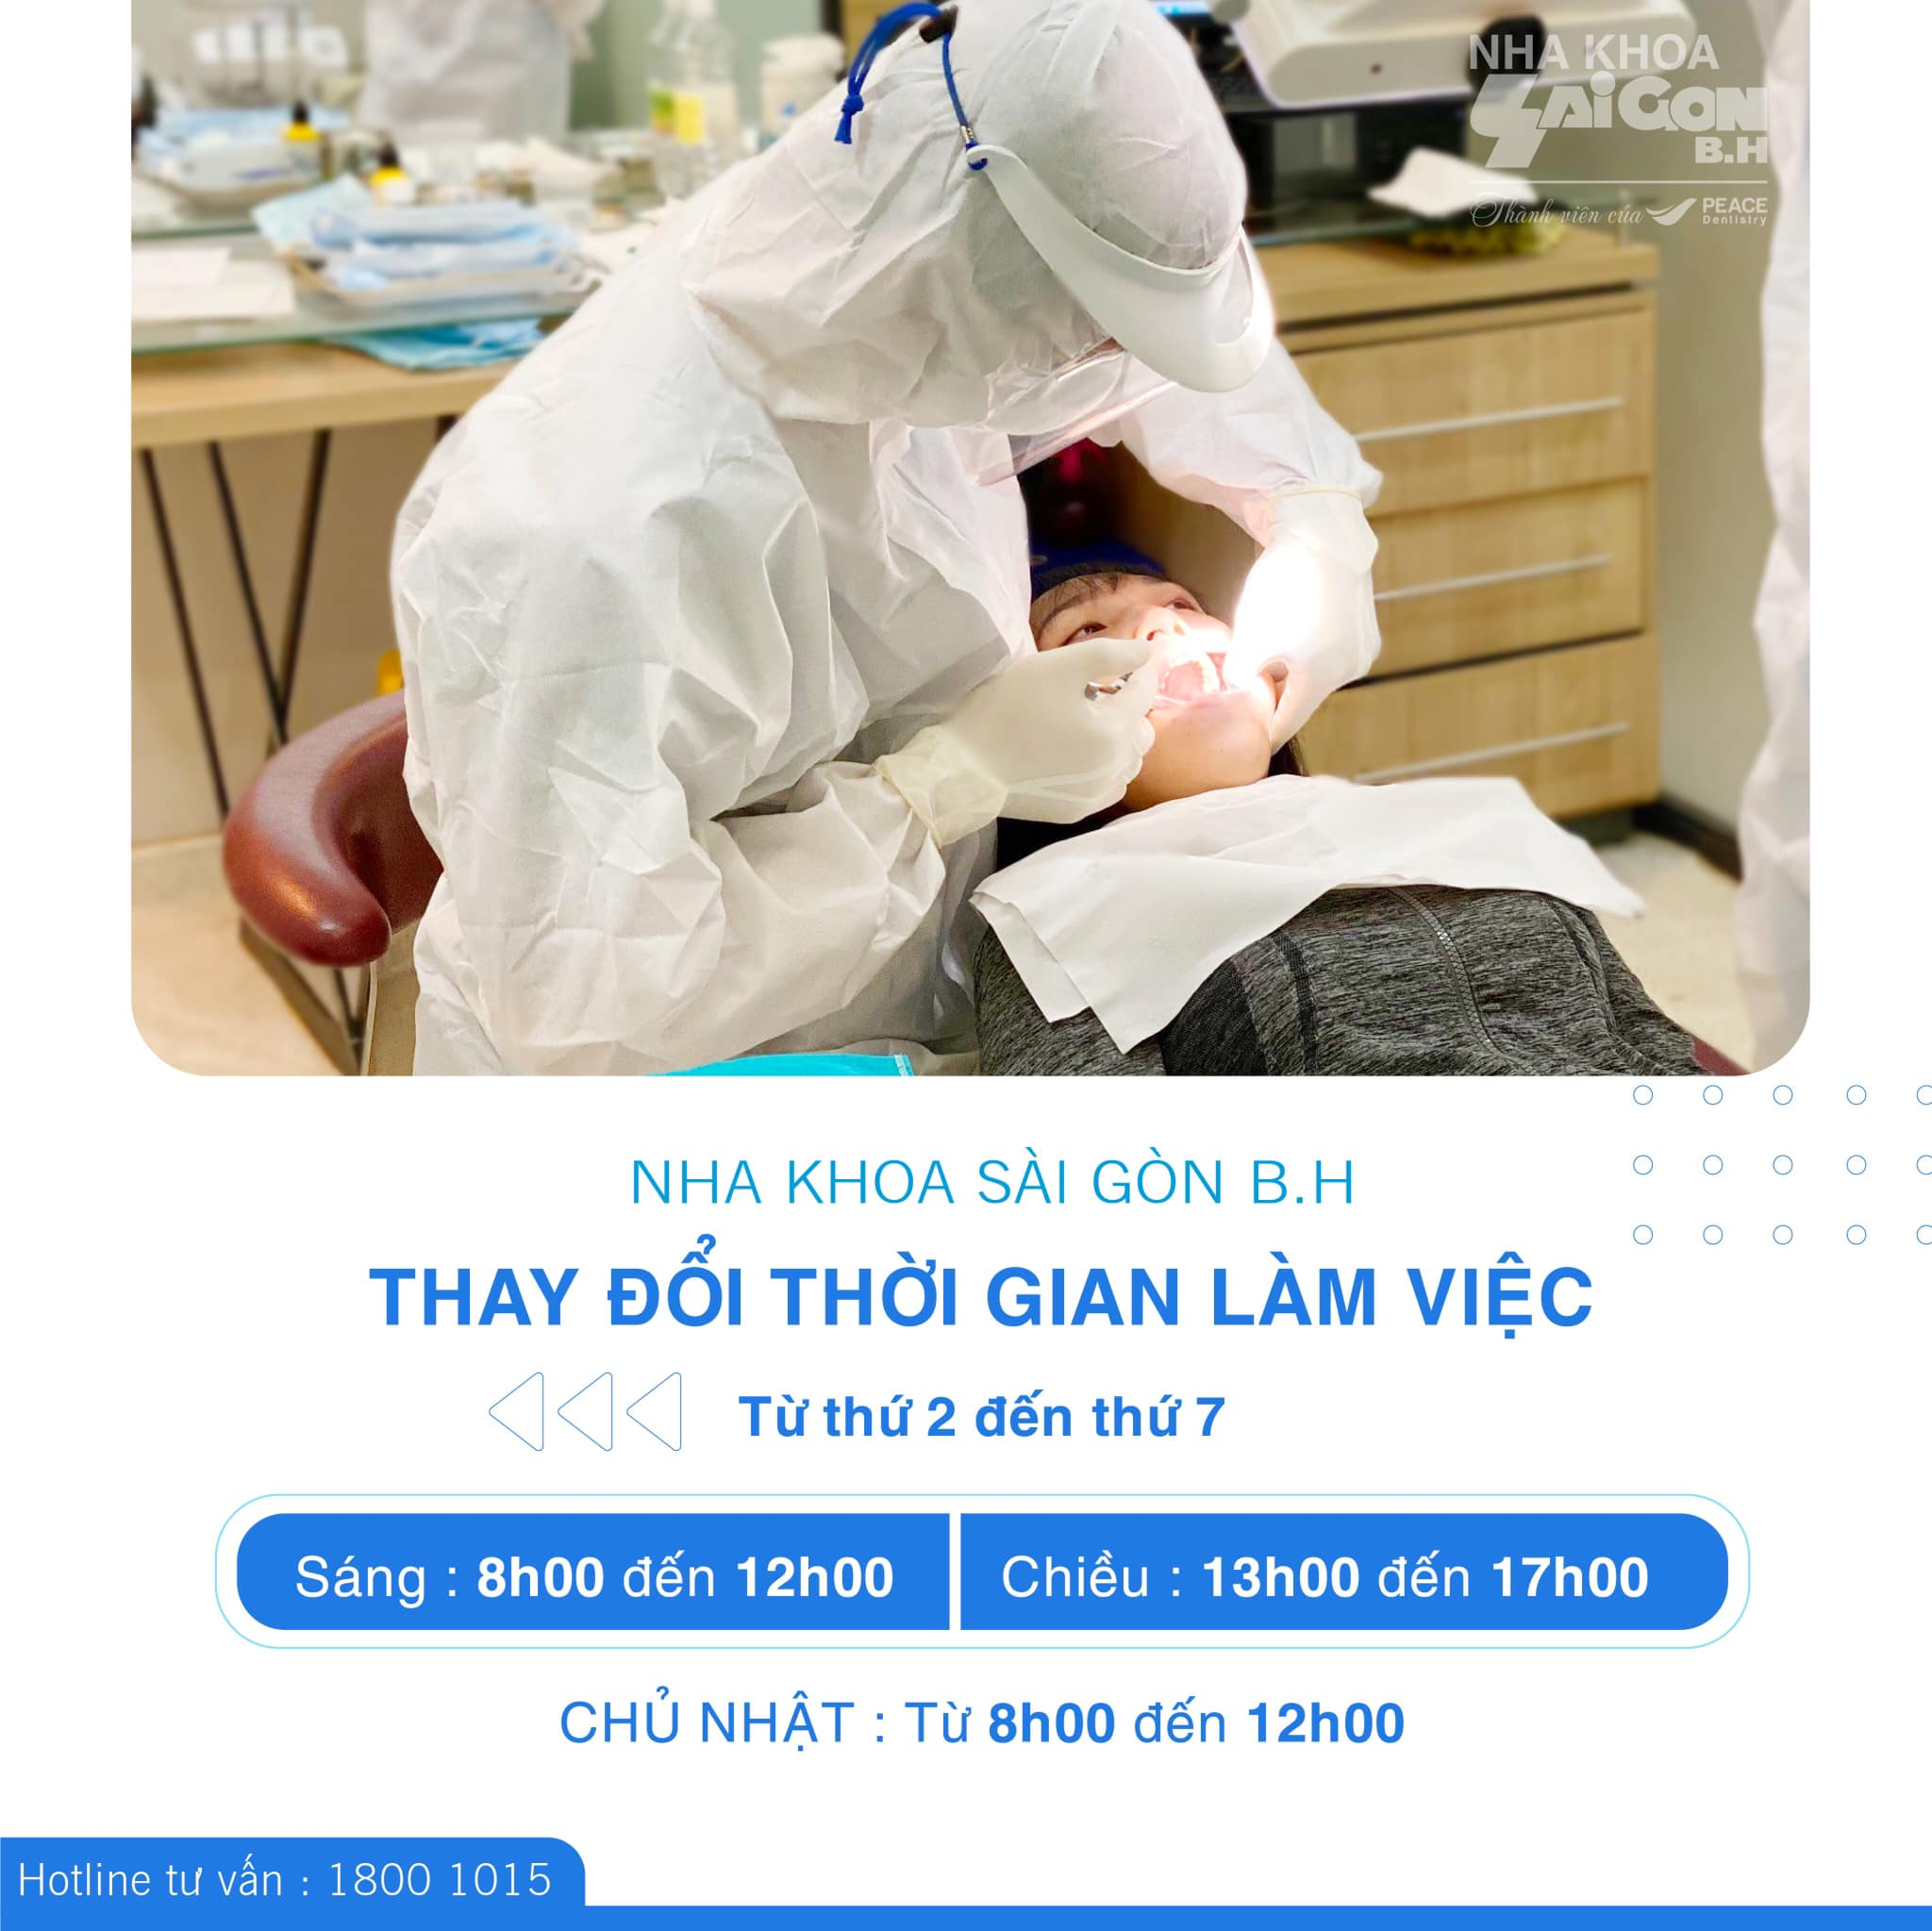 Nha Khoa Sài Gòn B.H Thông Báo Thay Đổi Thời Gian Làm Việc